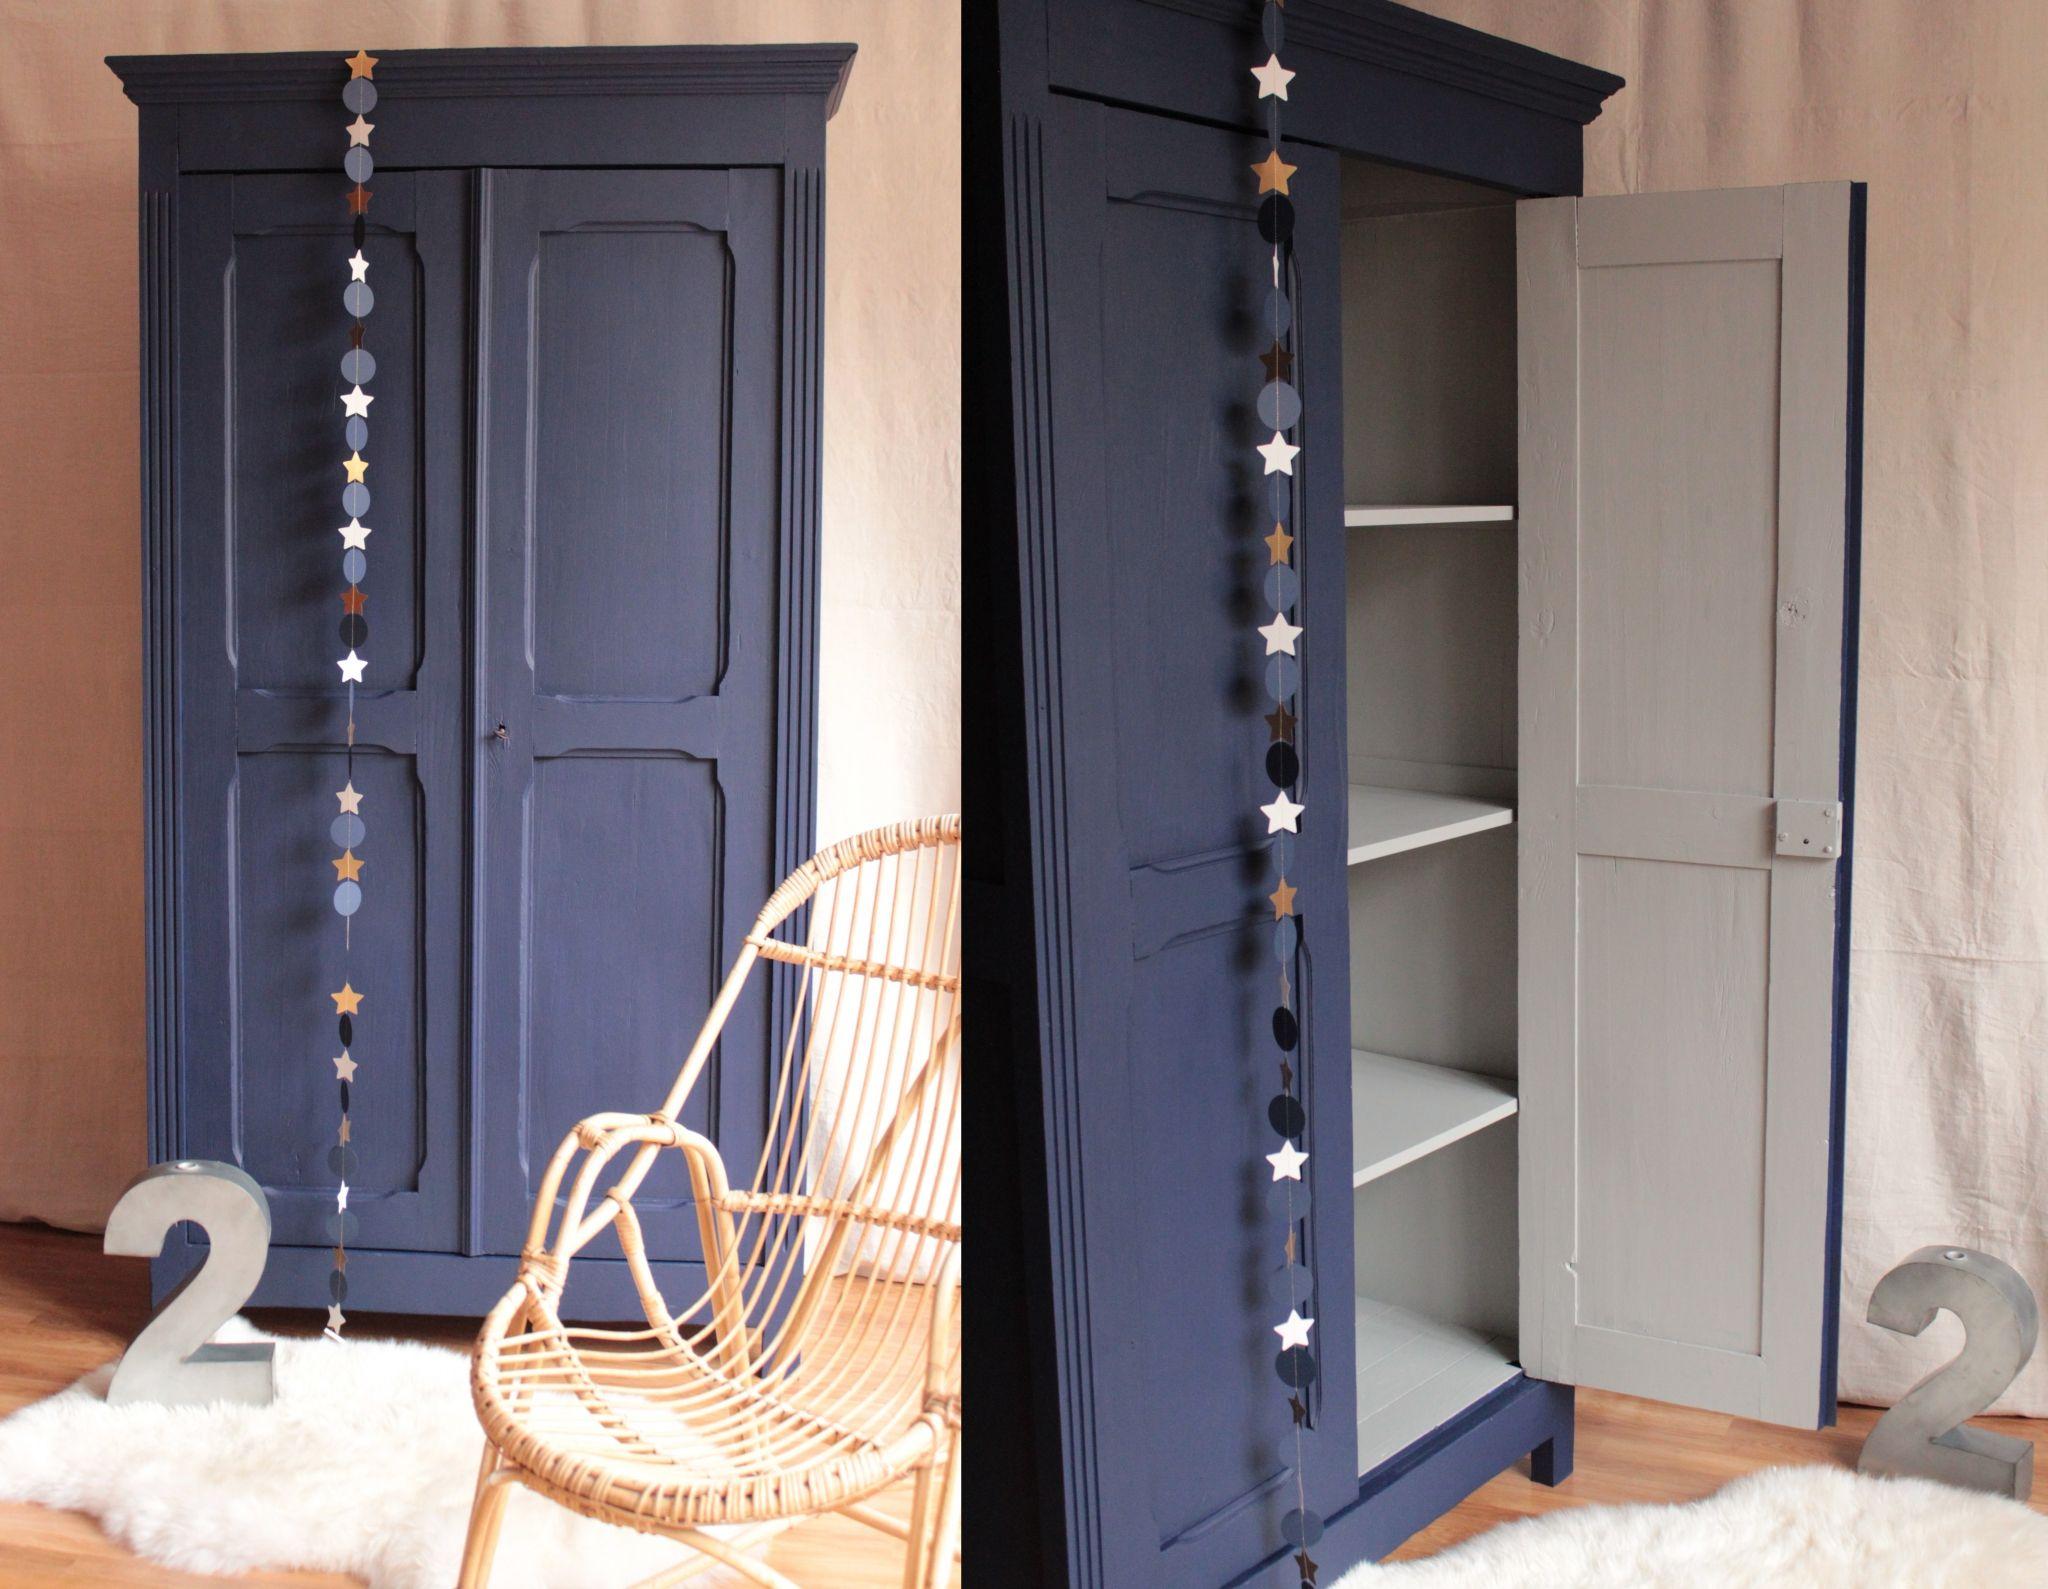 armoire parisienne penderie chambre enfant bleu nuit gris ...